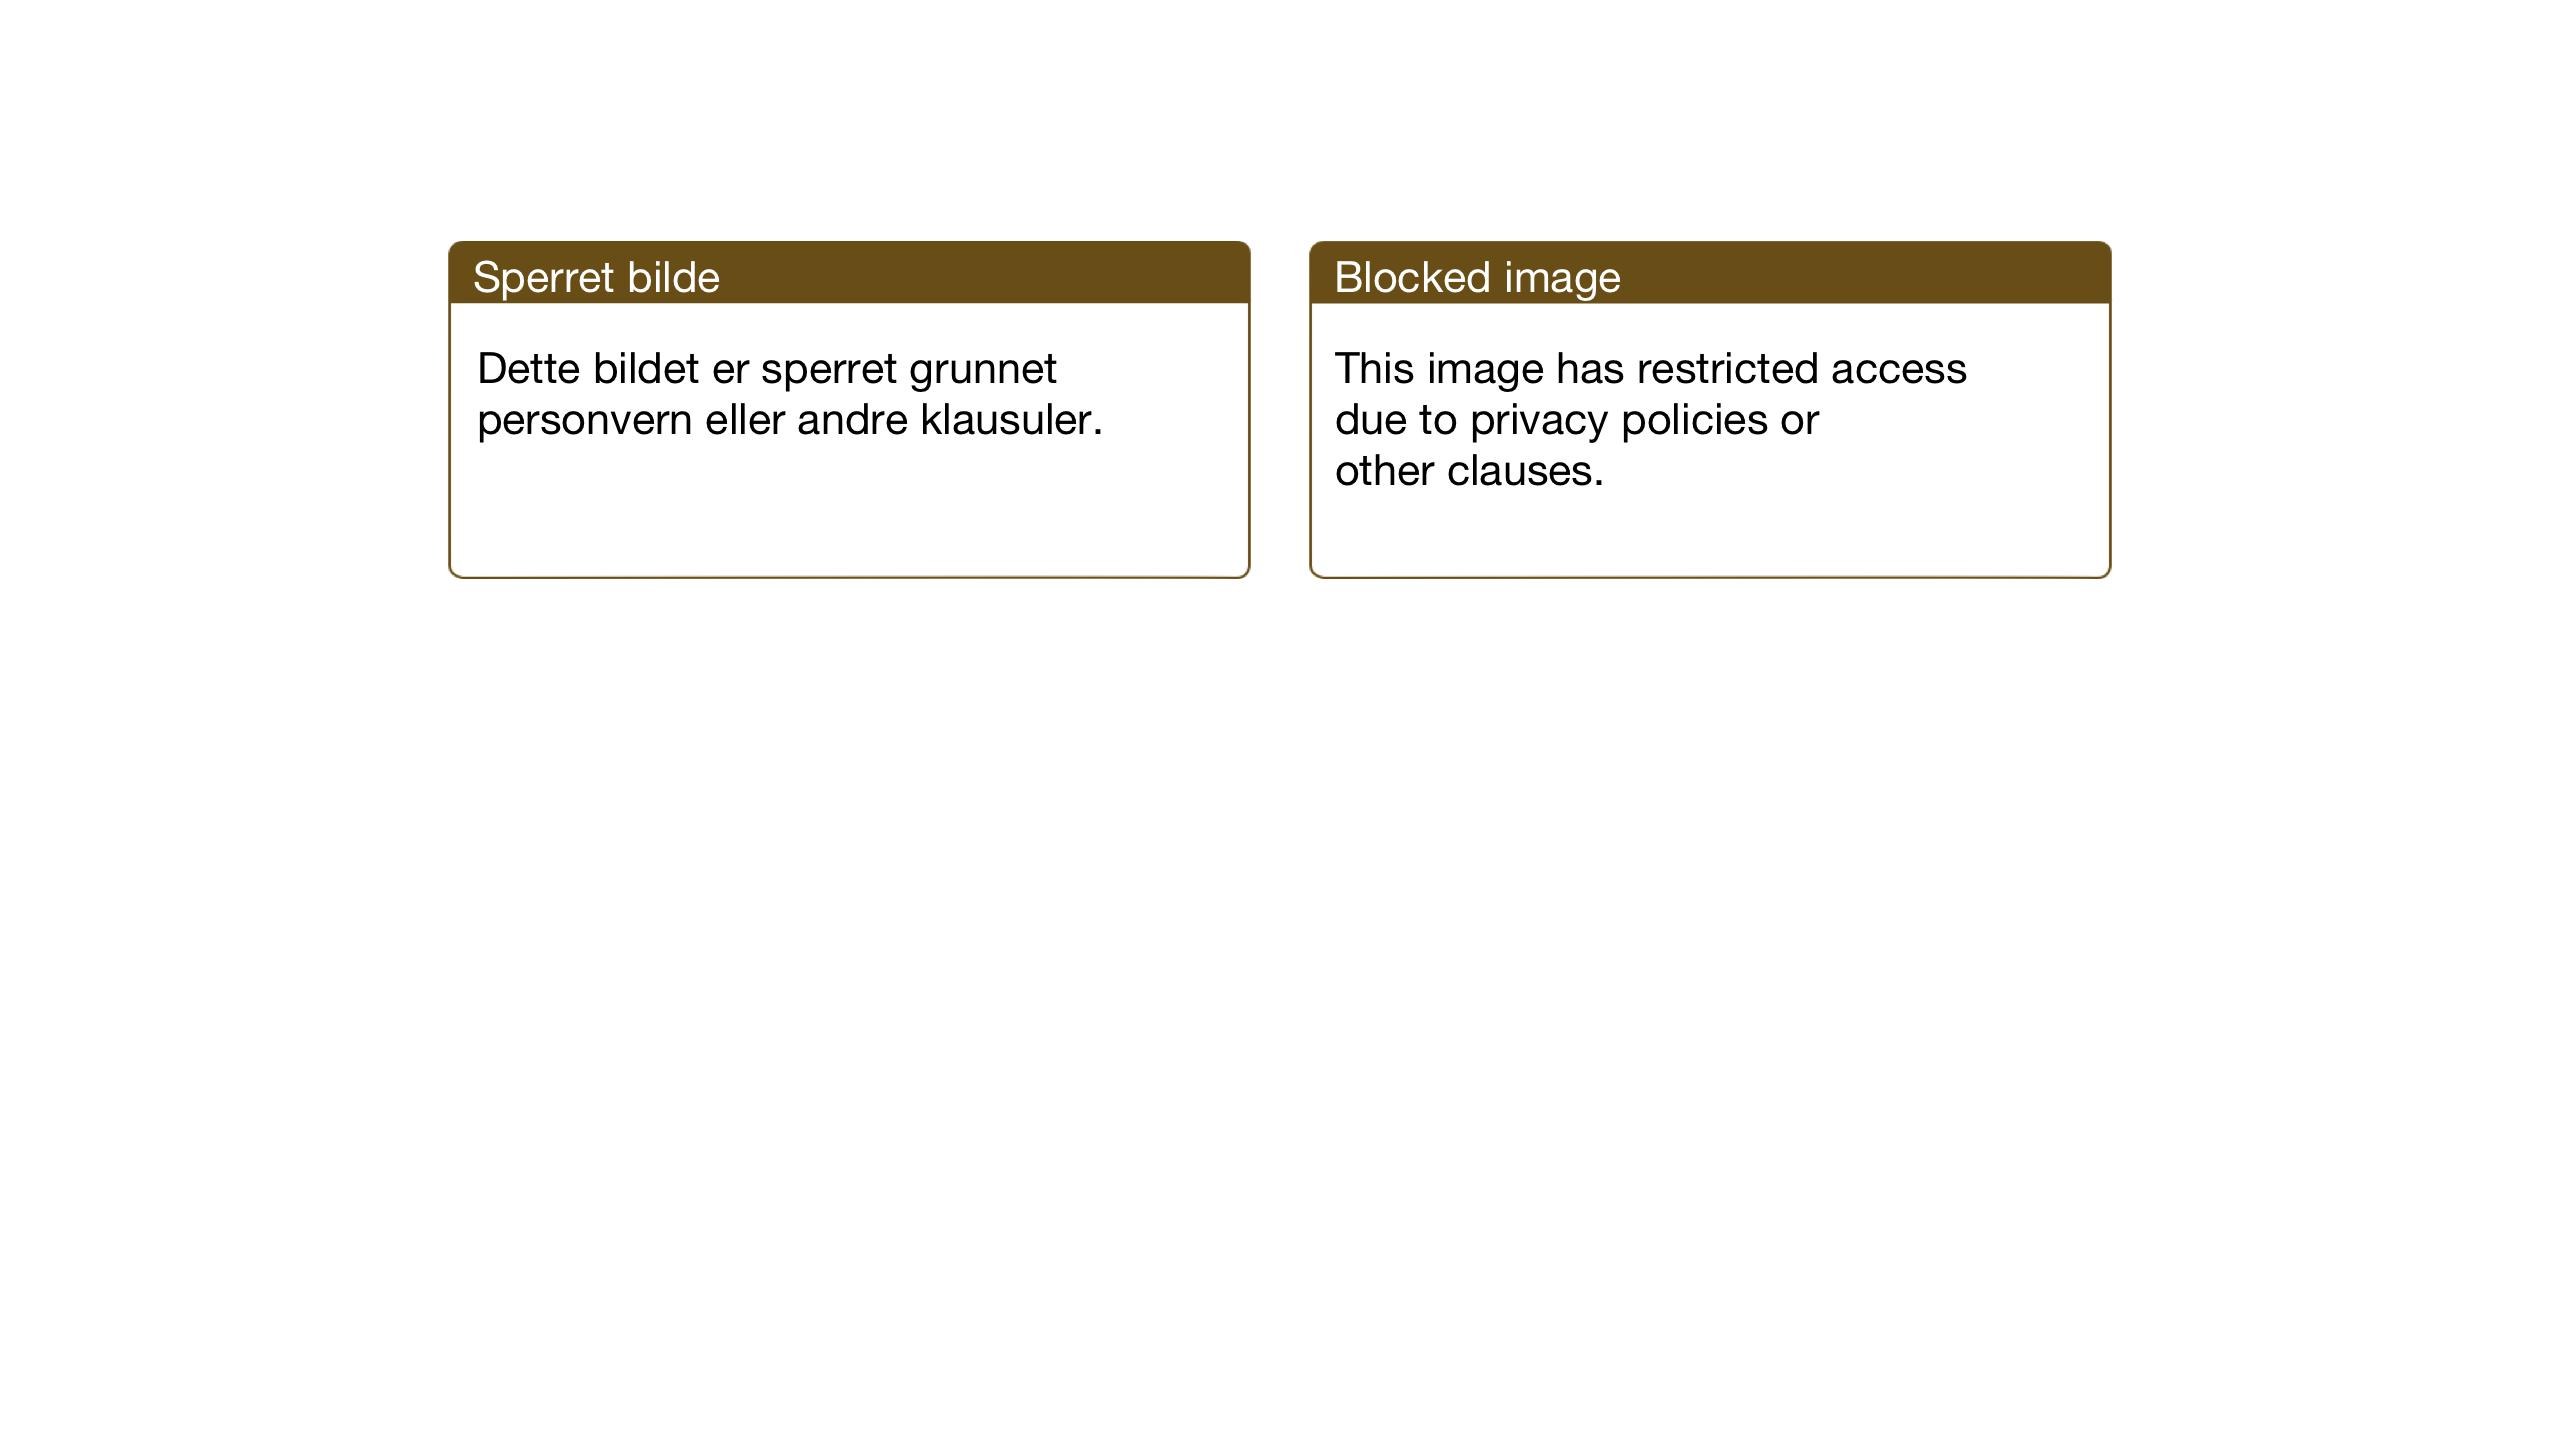 SAT, Ministerialprotokoller, klokkerbøker og fødselsregistre - Sør-Trøndelag, 618/L0454: Klokkerbok nr. 618C05, 1926-1946, s. 75